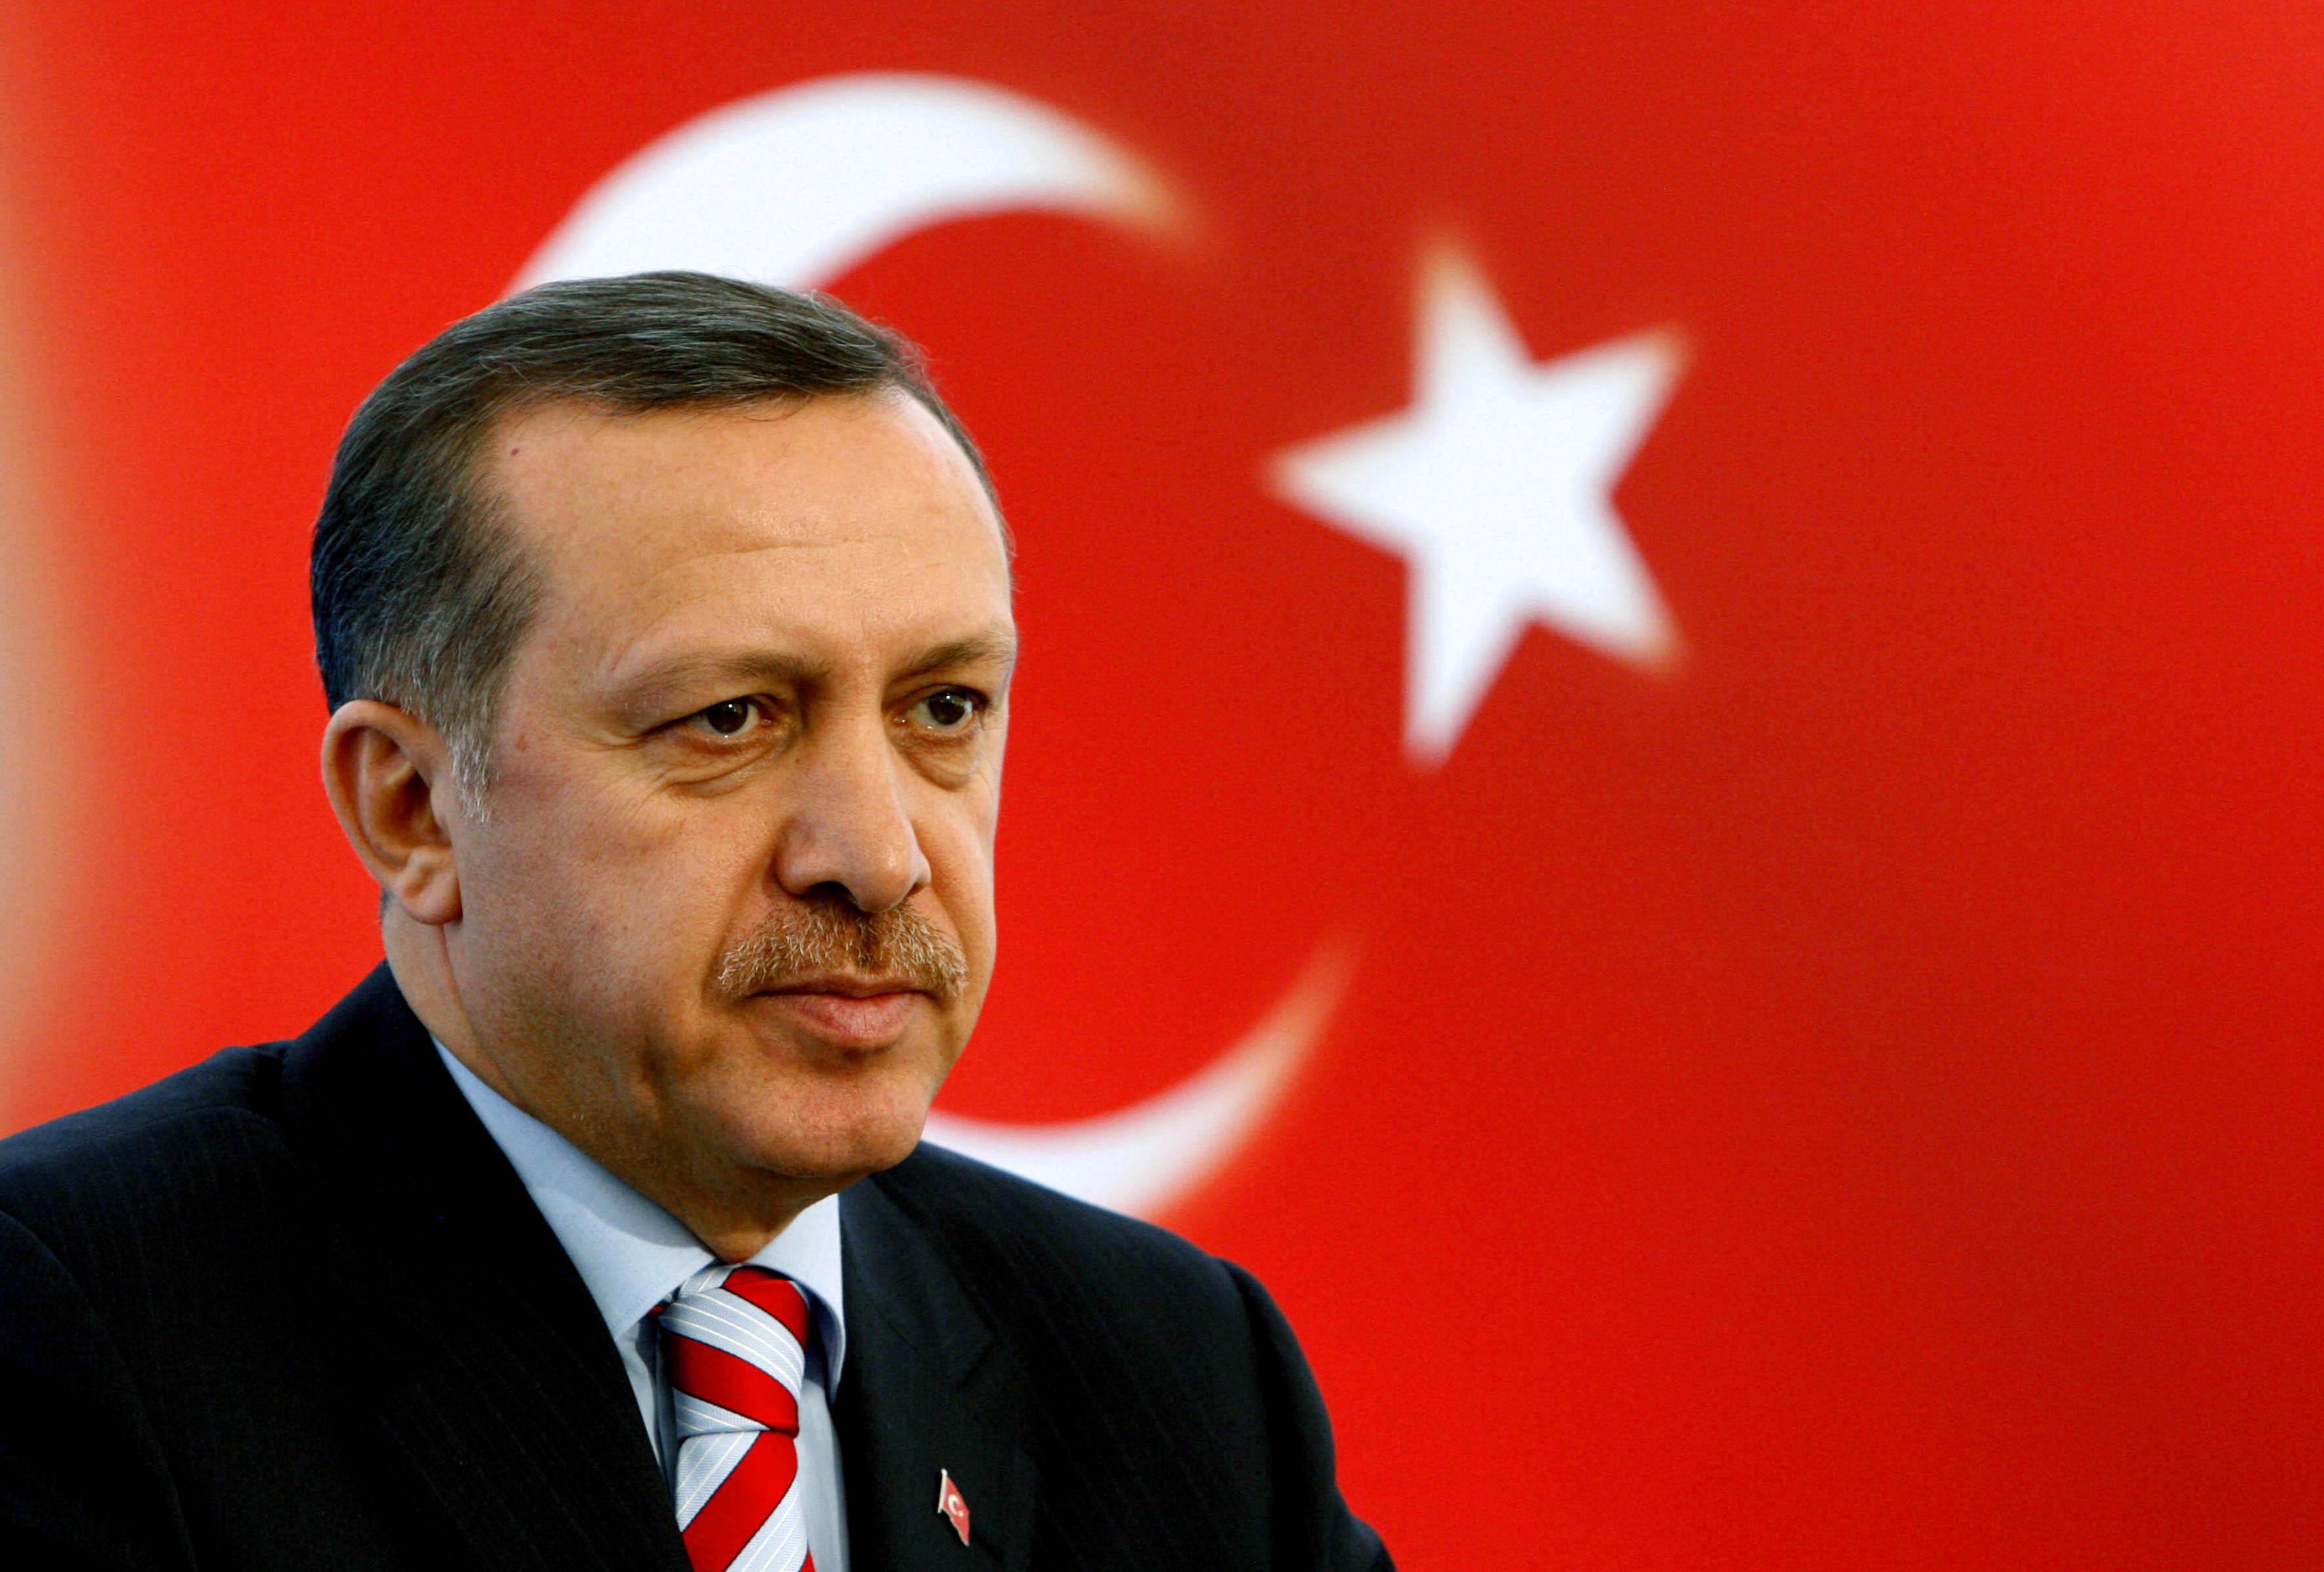 თურქეთი ნებისმიერ ფასად დაიცავს ყირიმელი თათრების უფლებებს, რომლებსაც ოკუპაციის პირობებში საკუთარი სახლების დატოვება მოუწიათ-ერდოღანი